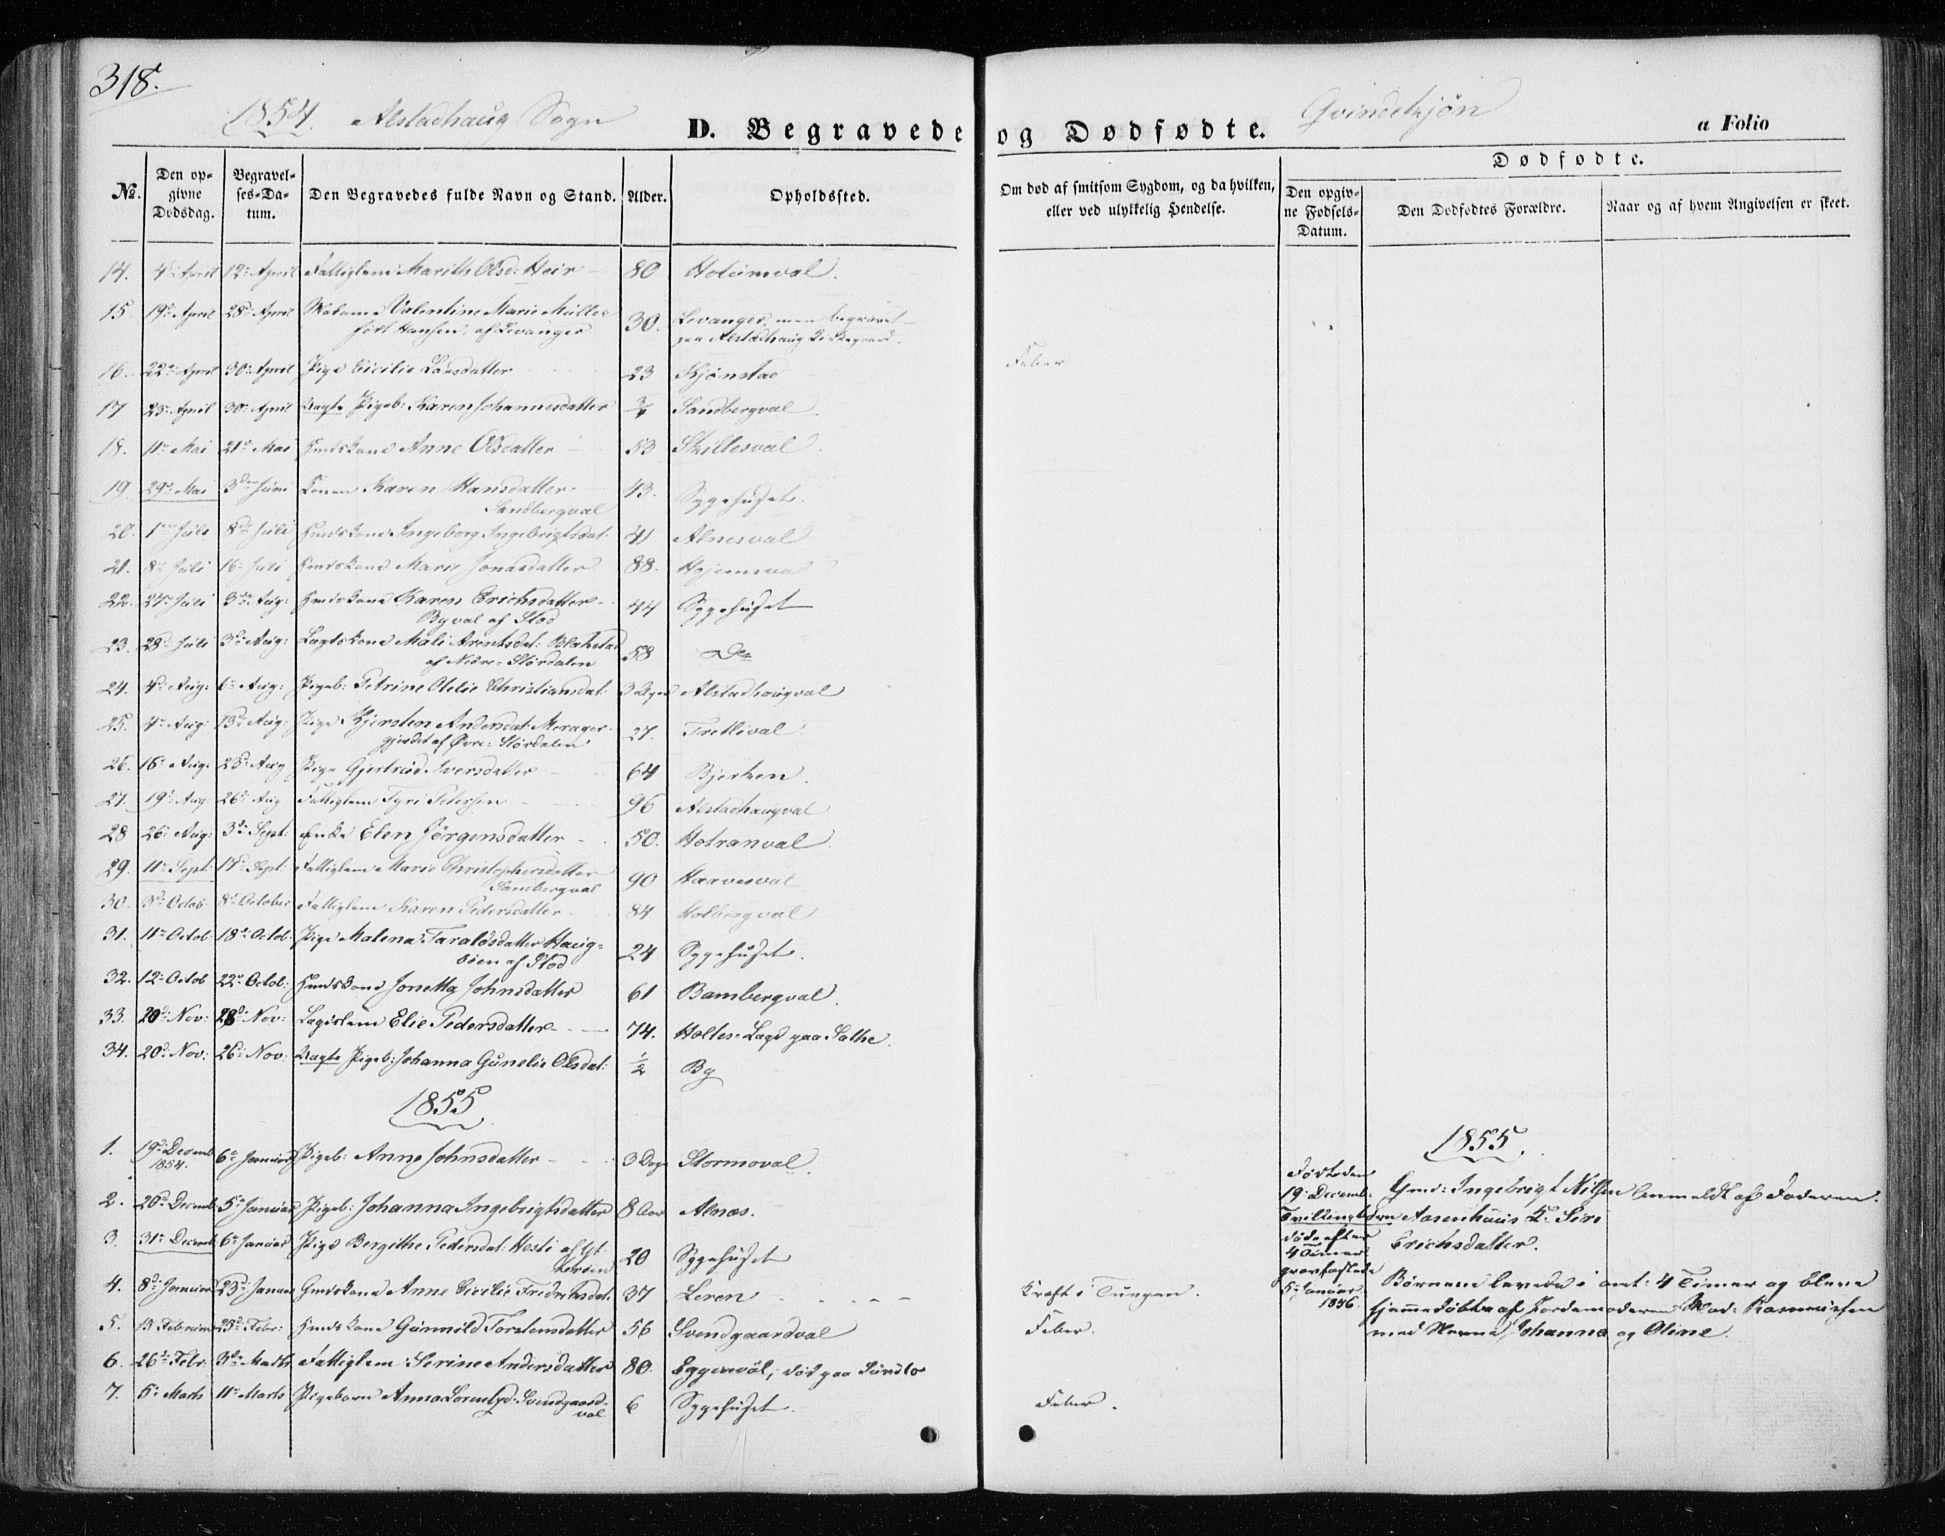 SAT, Ministerialprotokoller, klokkerbøker og fødselsregistre - Nord-Trøndelag, 717/L0154: Ministerialbok nr. 717A07 /1, 1850-1862, s. 318